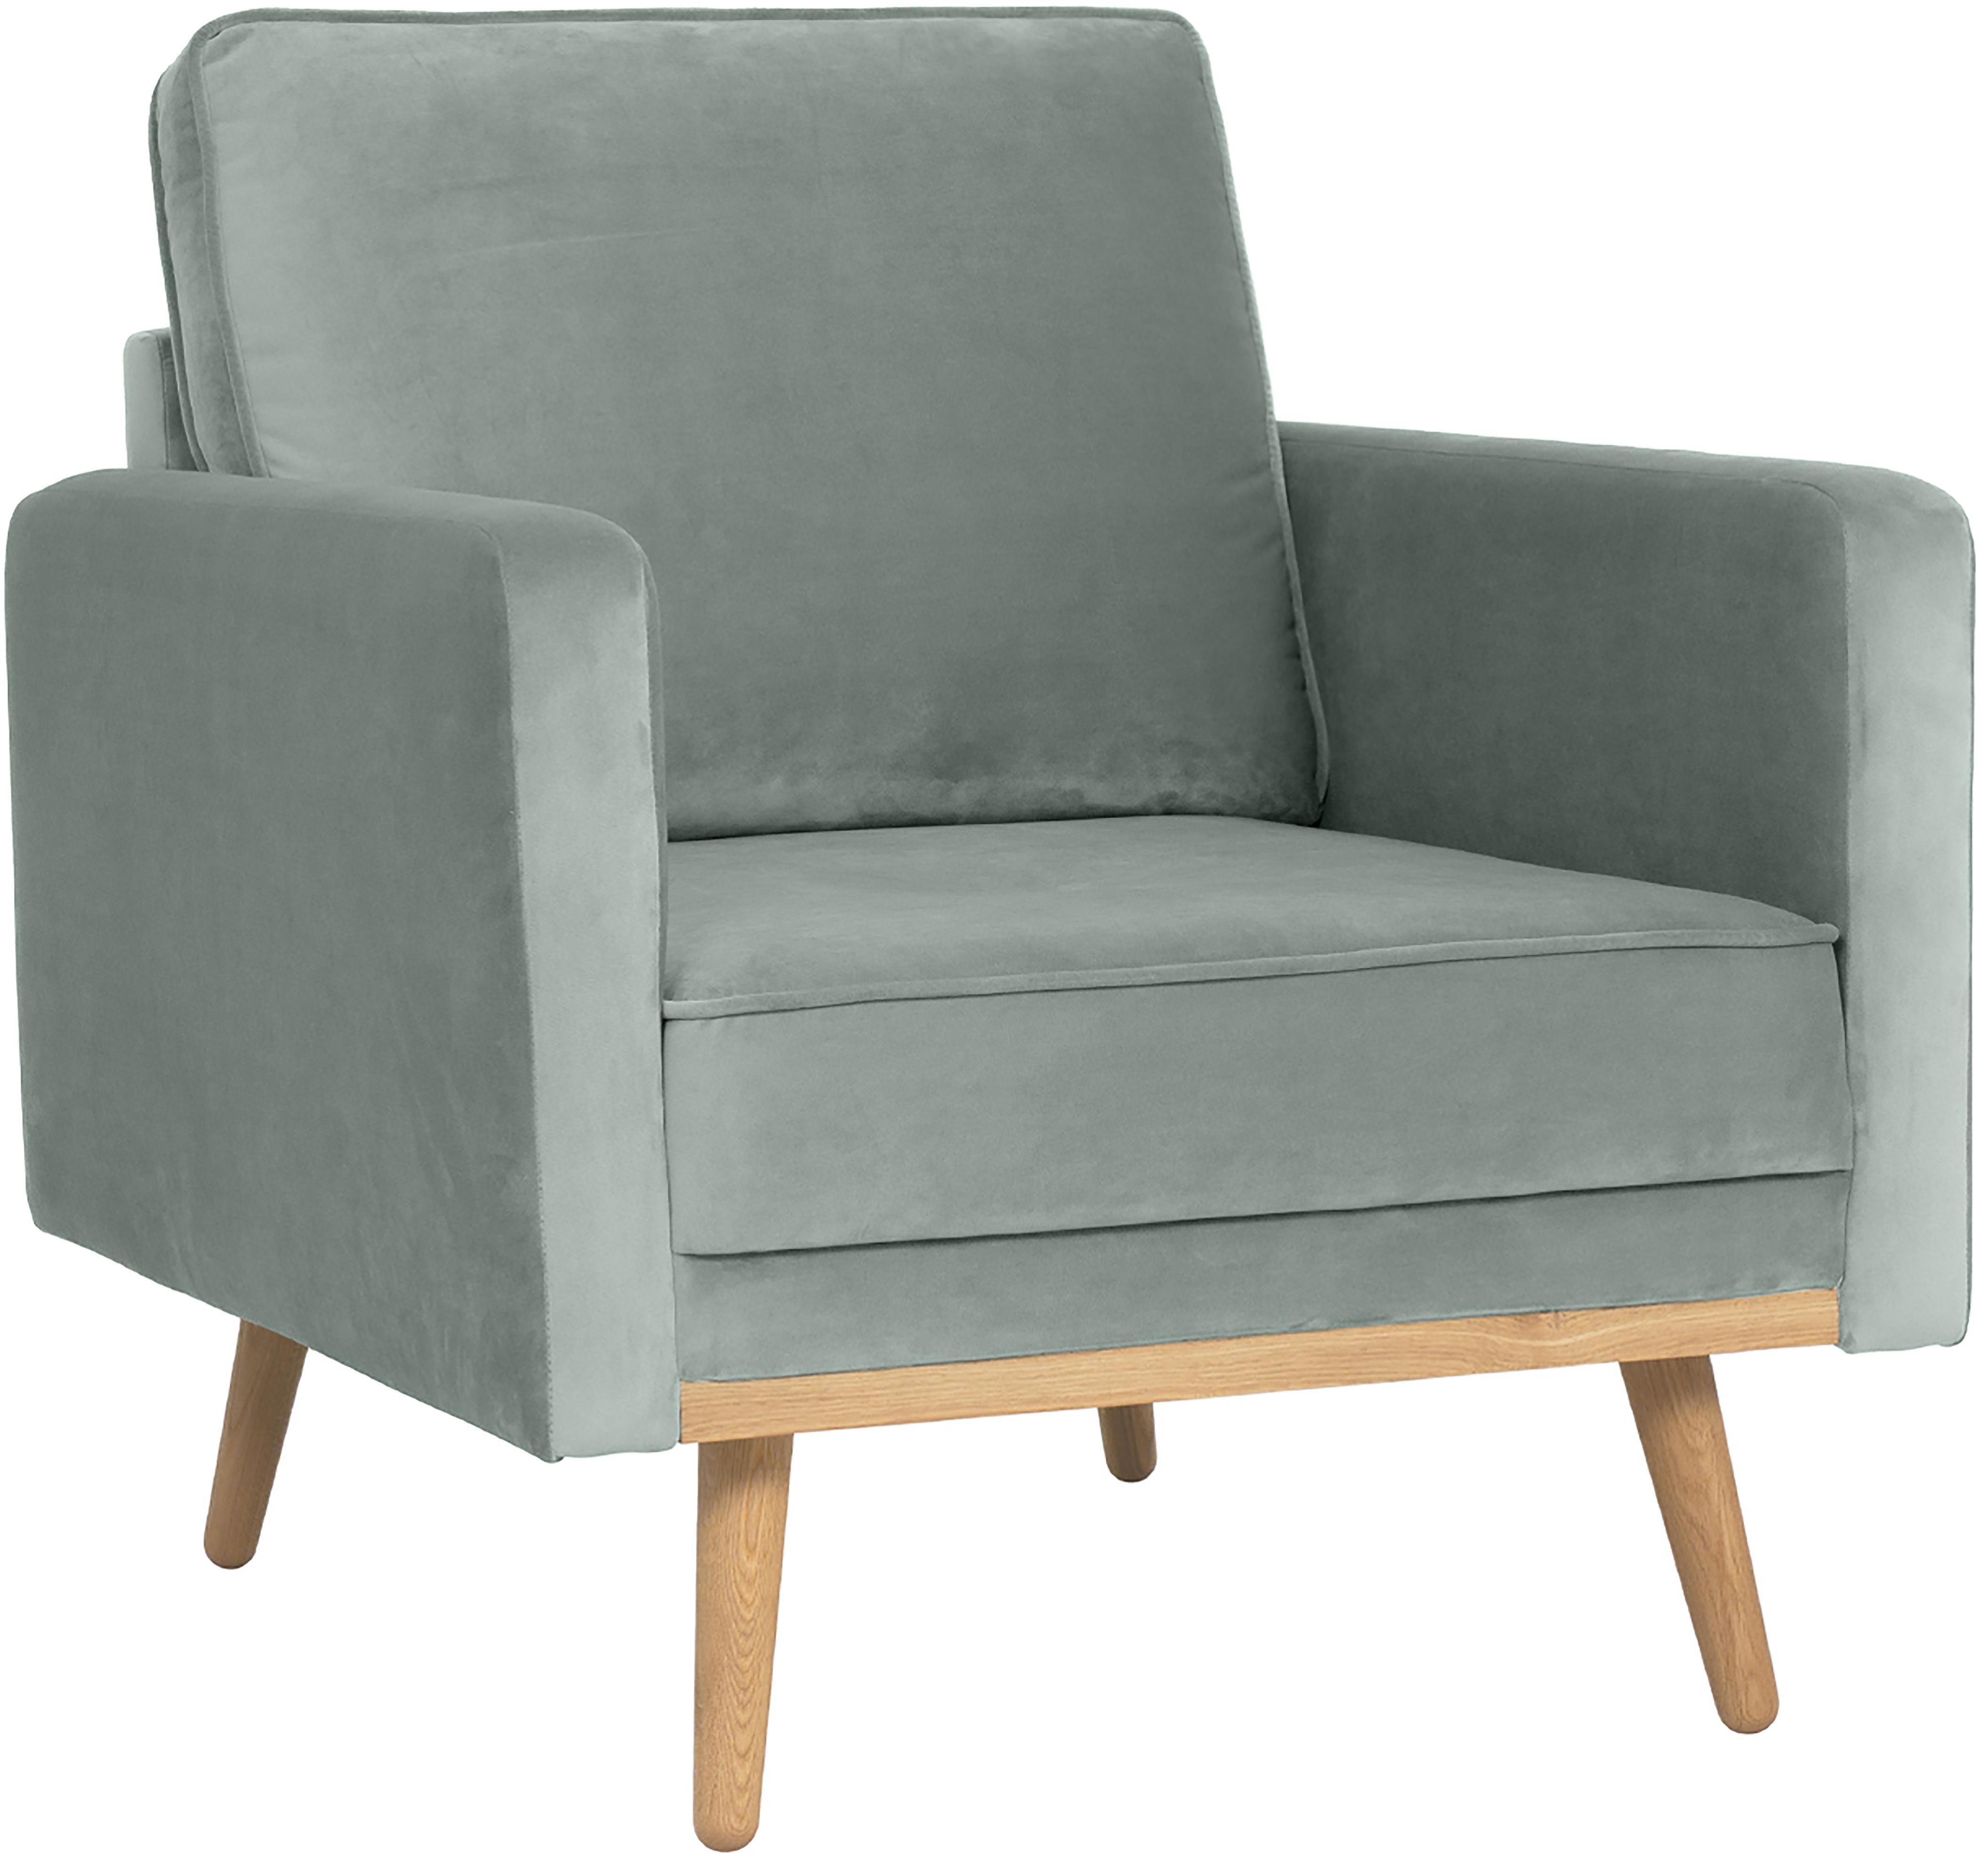 Fotel z aksamitu Saint, Tapicerka: aksamit (poliester) 3500, Stelaż: masywne drewno sosnowe, p, Aksamitny szałwiowy zielony, S 85 x G 76 cm